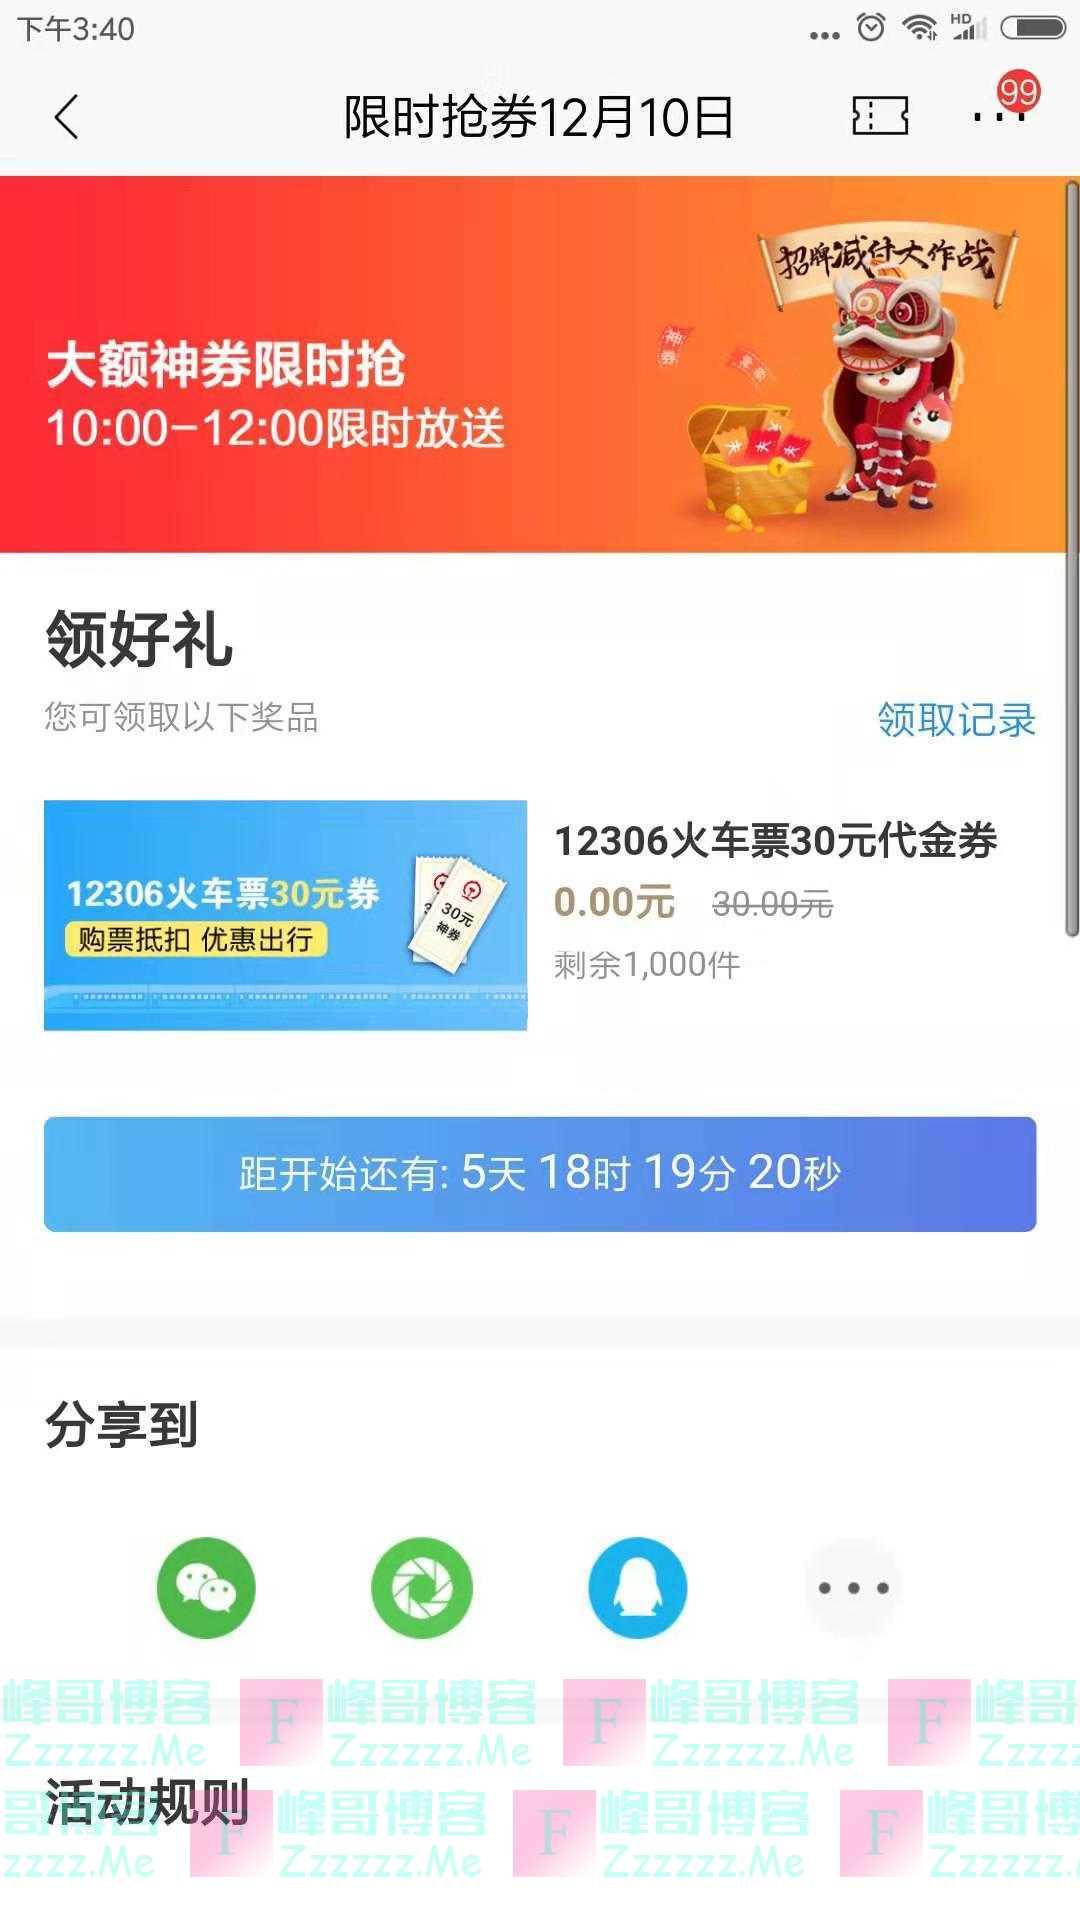 招行12.10抢速递易快递柜5折券(截止12月10日)